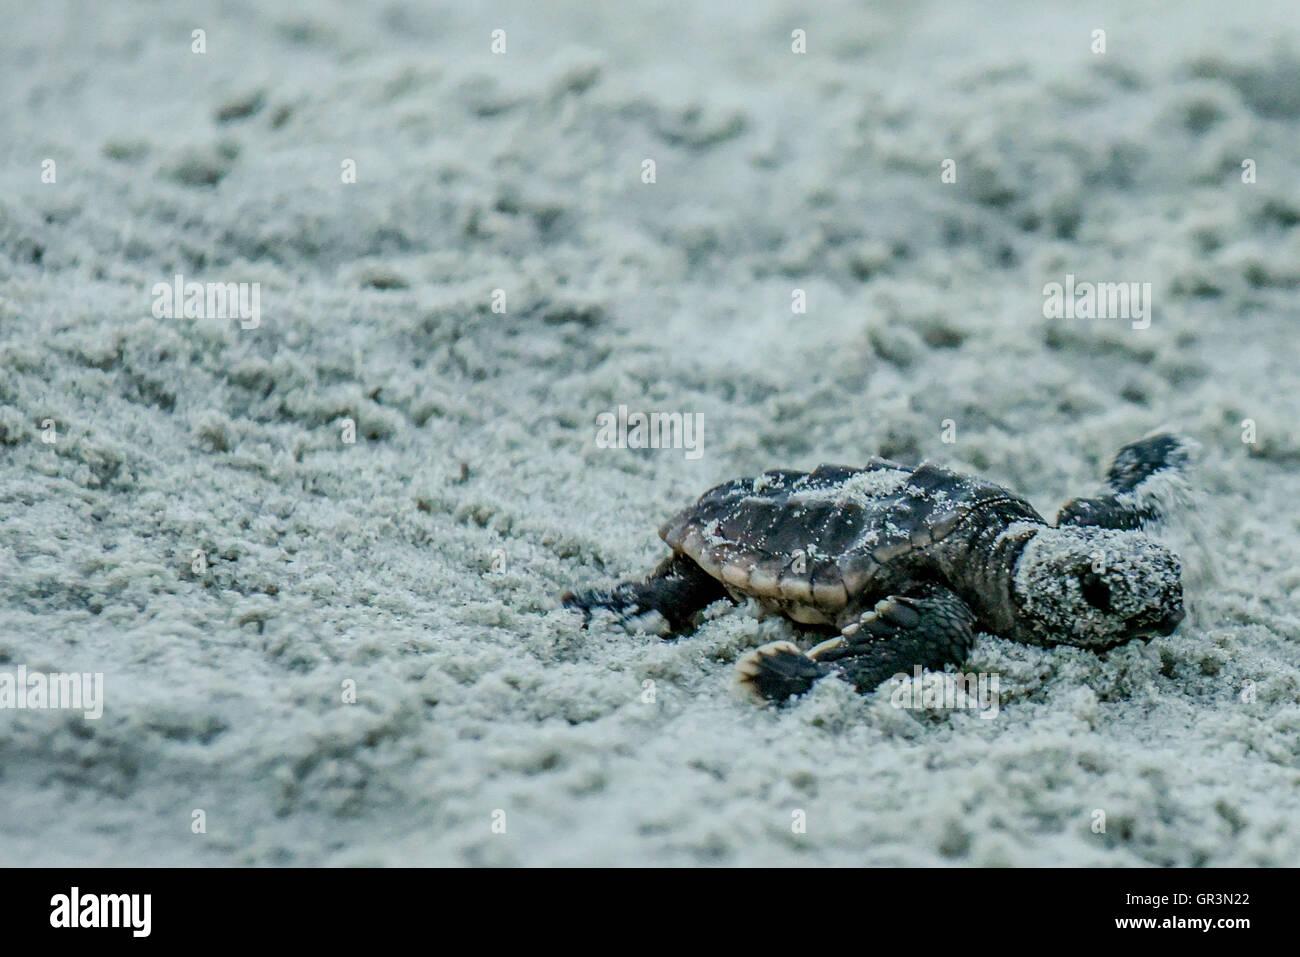 Bébé tortue caouane Caretta caretta - incubation   Caroline du Nord - Sunset Beach   les jeunes tortues menacées Banque D'Images